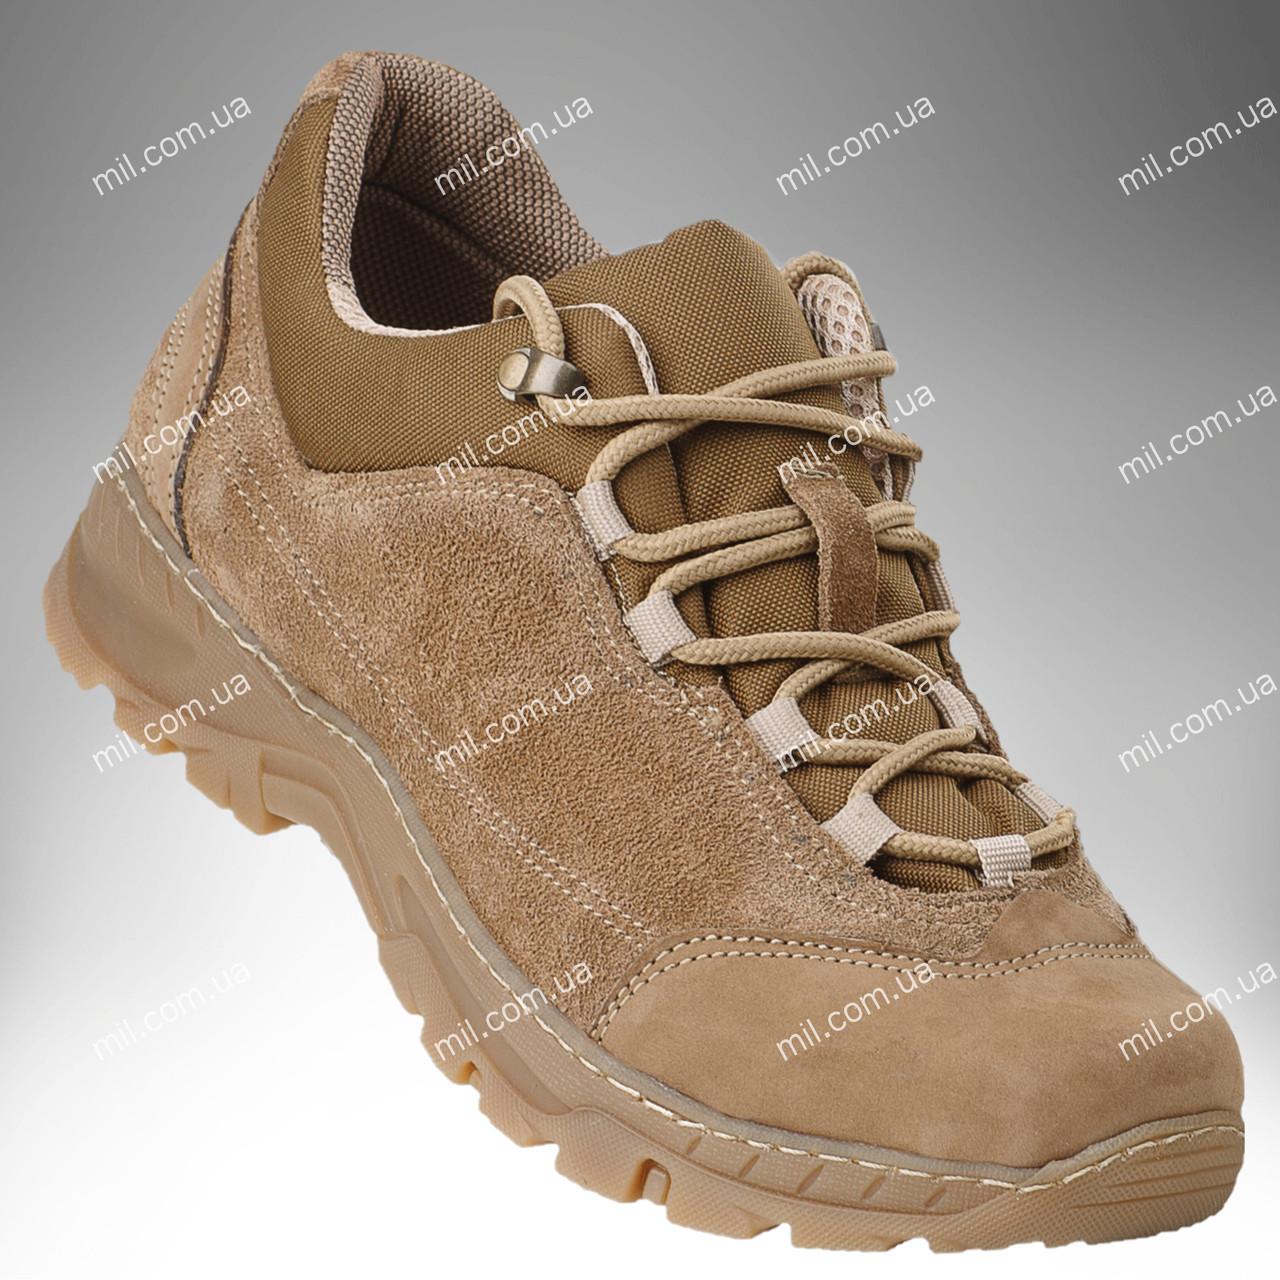 Тактическая обувь / демисезонные военные кроссовки Trooper DESERT (койот)